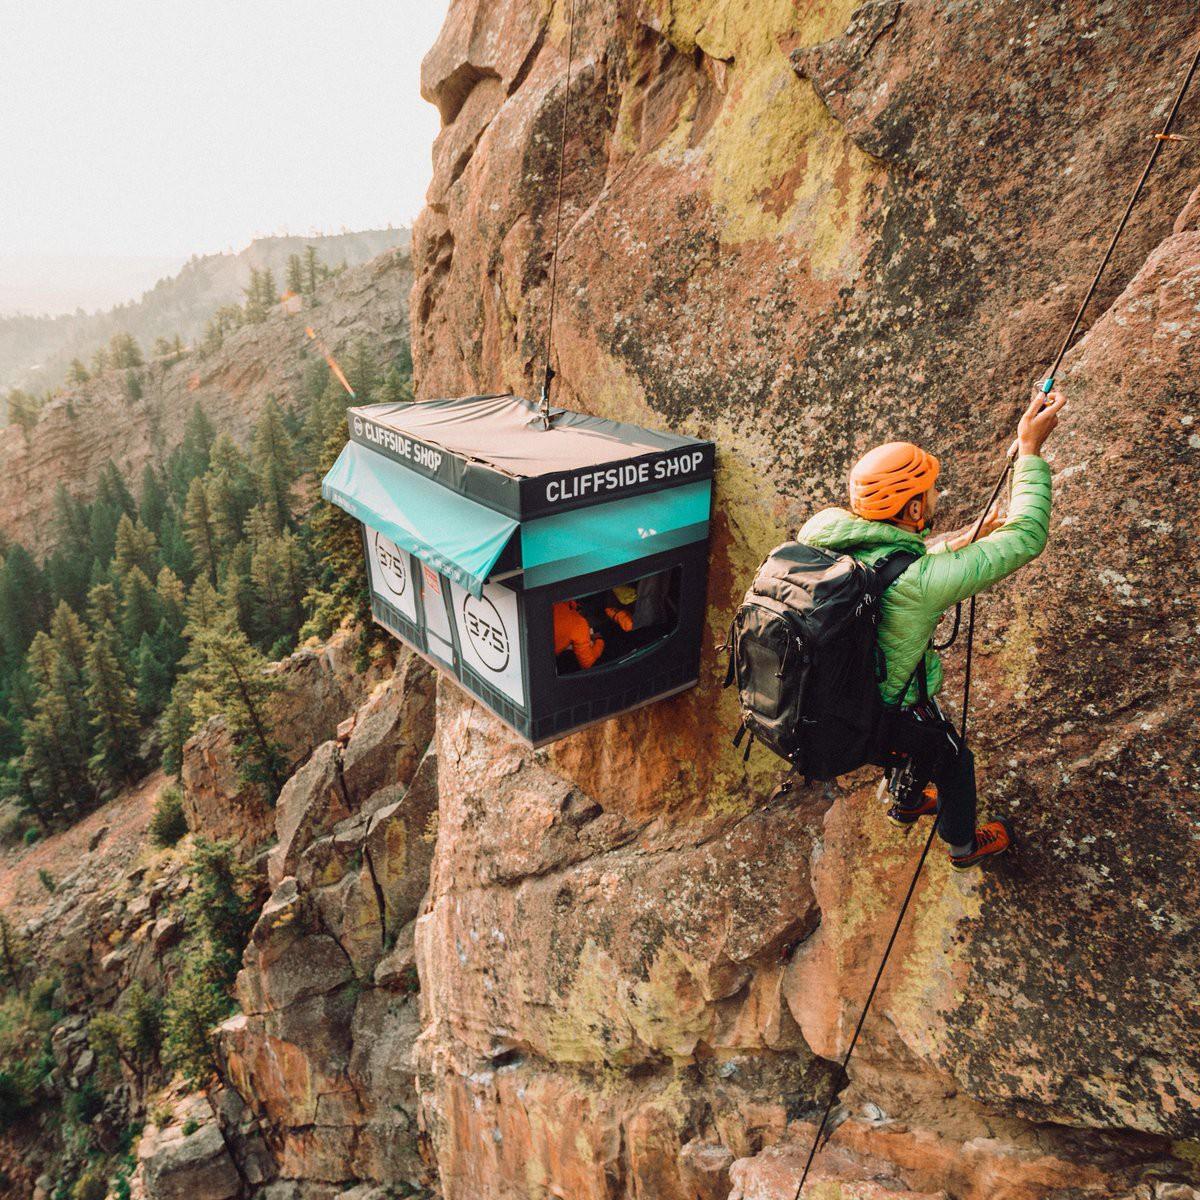 Cửa hàng tiện lợi không dành cho người yếu tim: Nằm ở độ cao gần 2000 mét nhưng tất cả hàng hóa đều miễn phí - Ảnh 4.